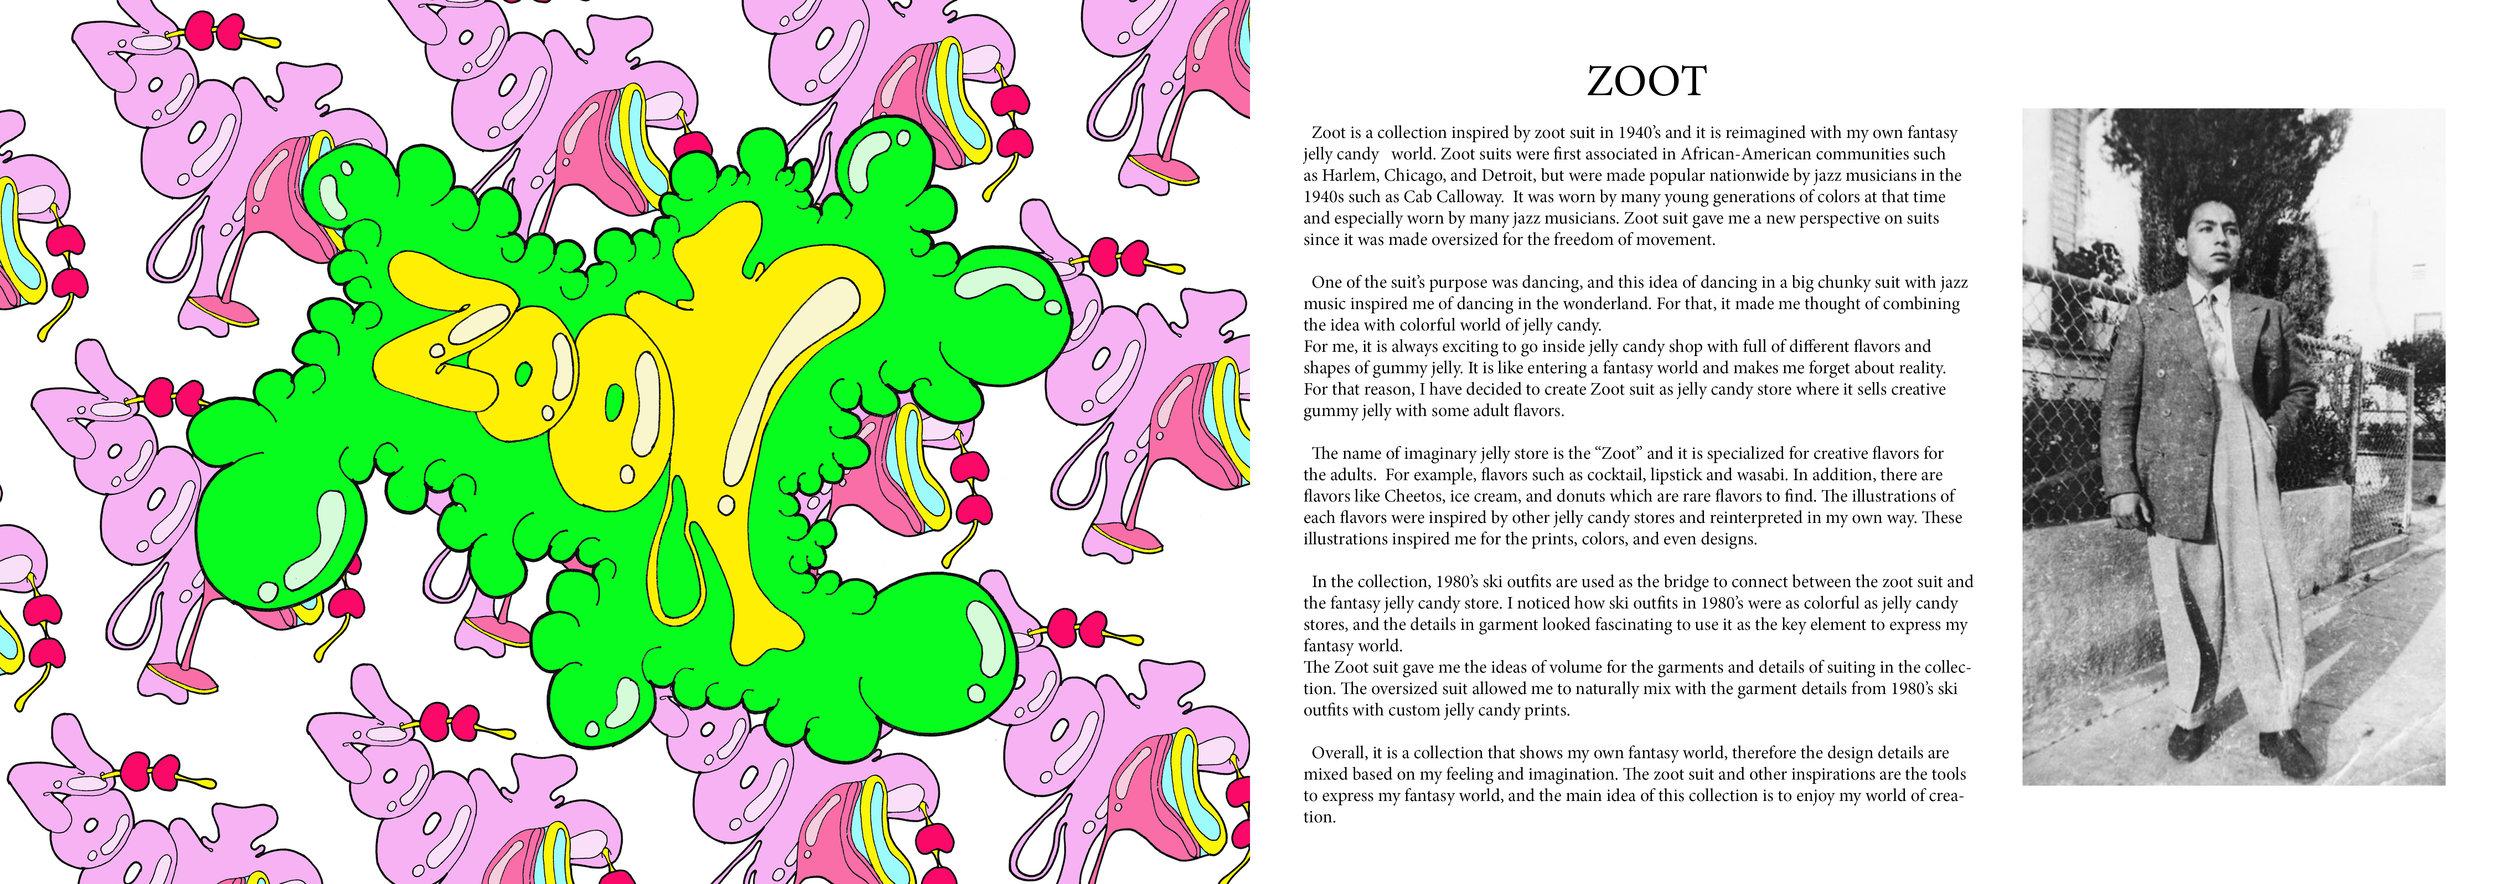 ZOOT (H&M)2.jpg